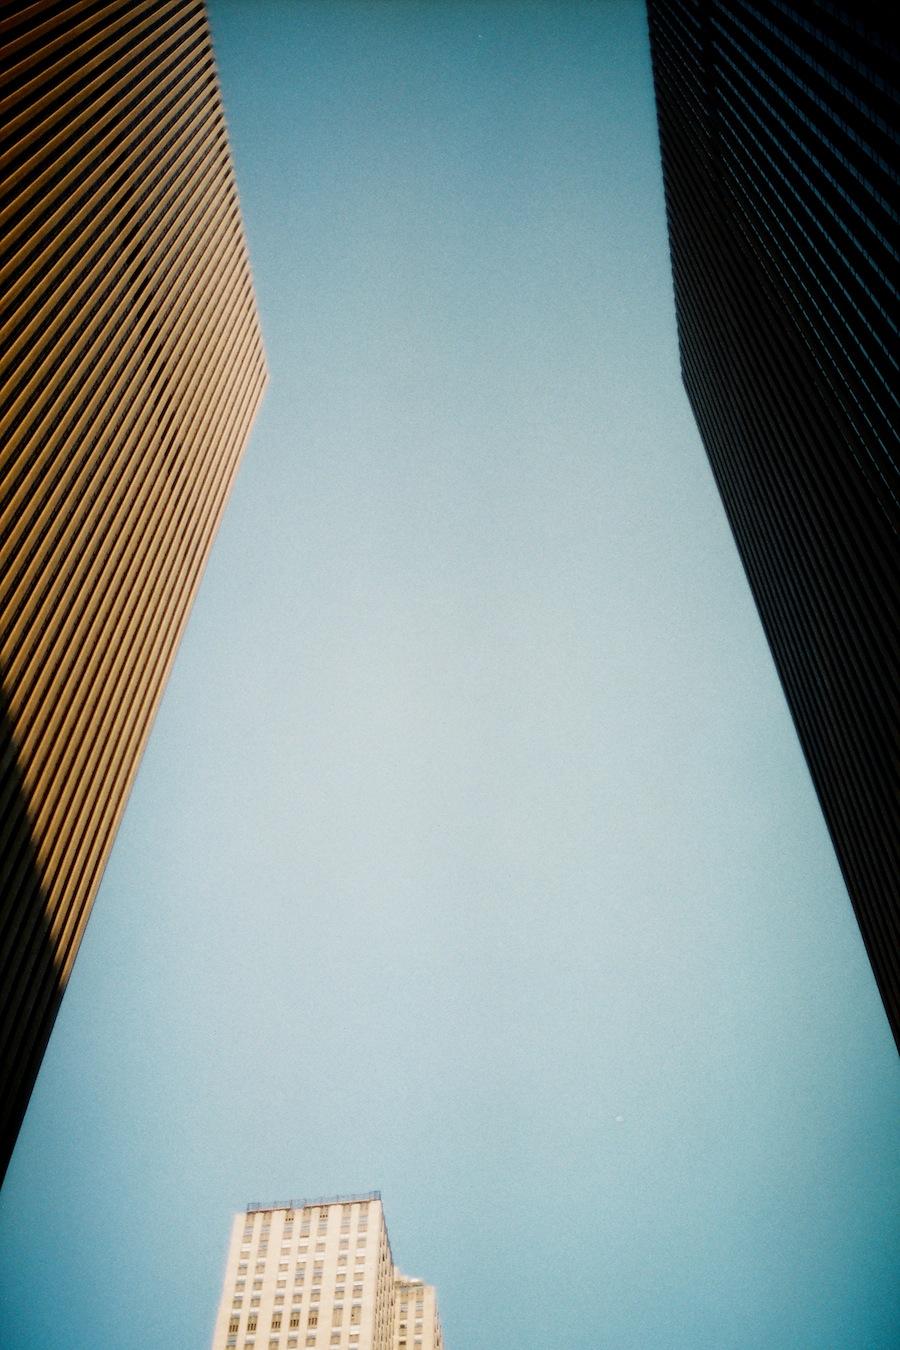 http://lafilladelfotografu.irenavisa.com/files/gimgs/80_f1050012-1.jpg